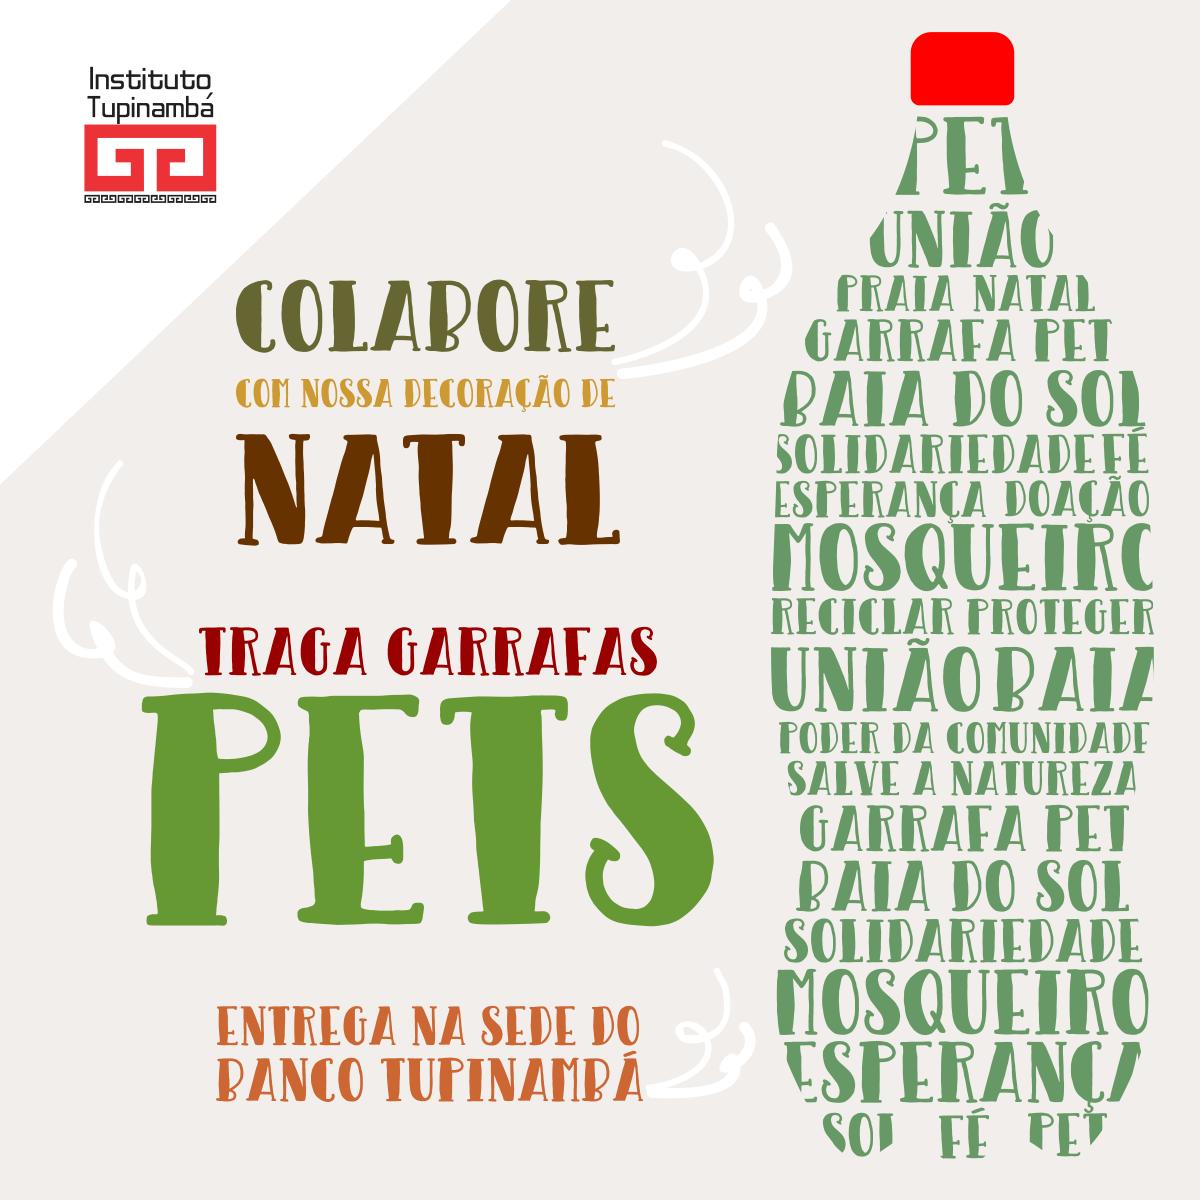 Doação de Garrafas Pets